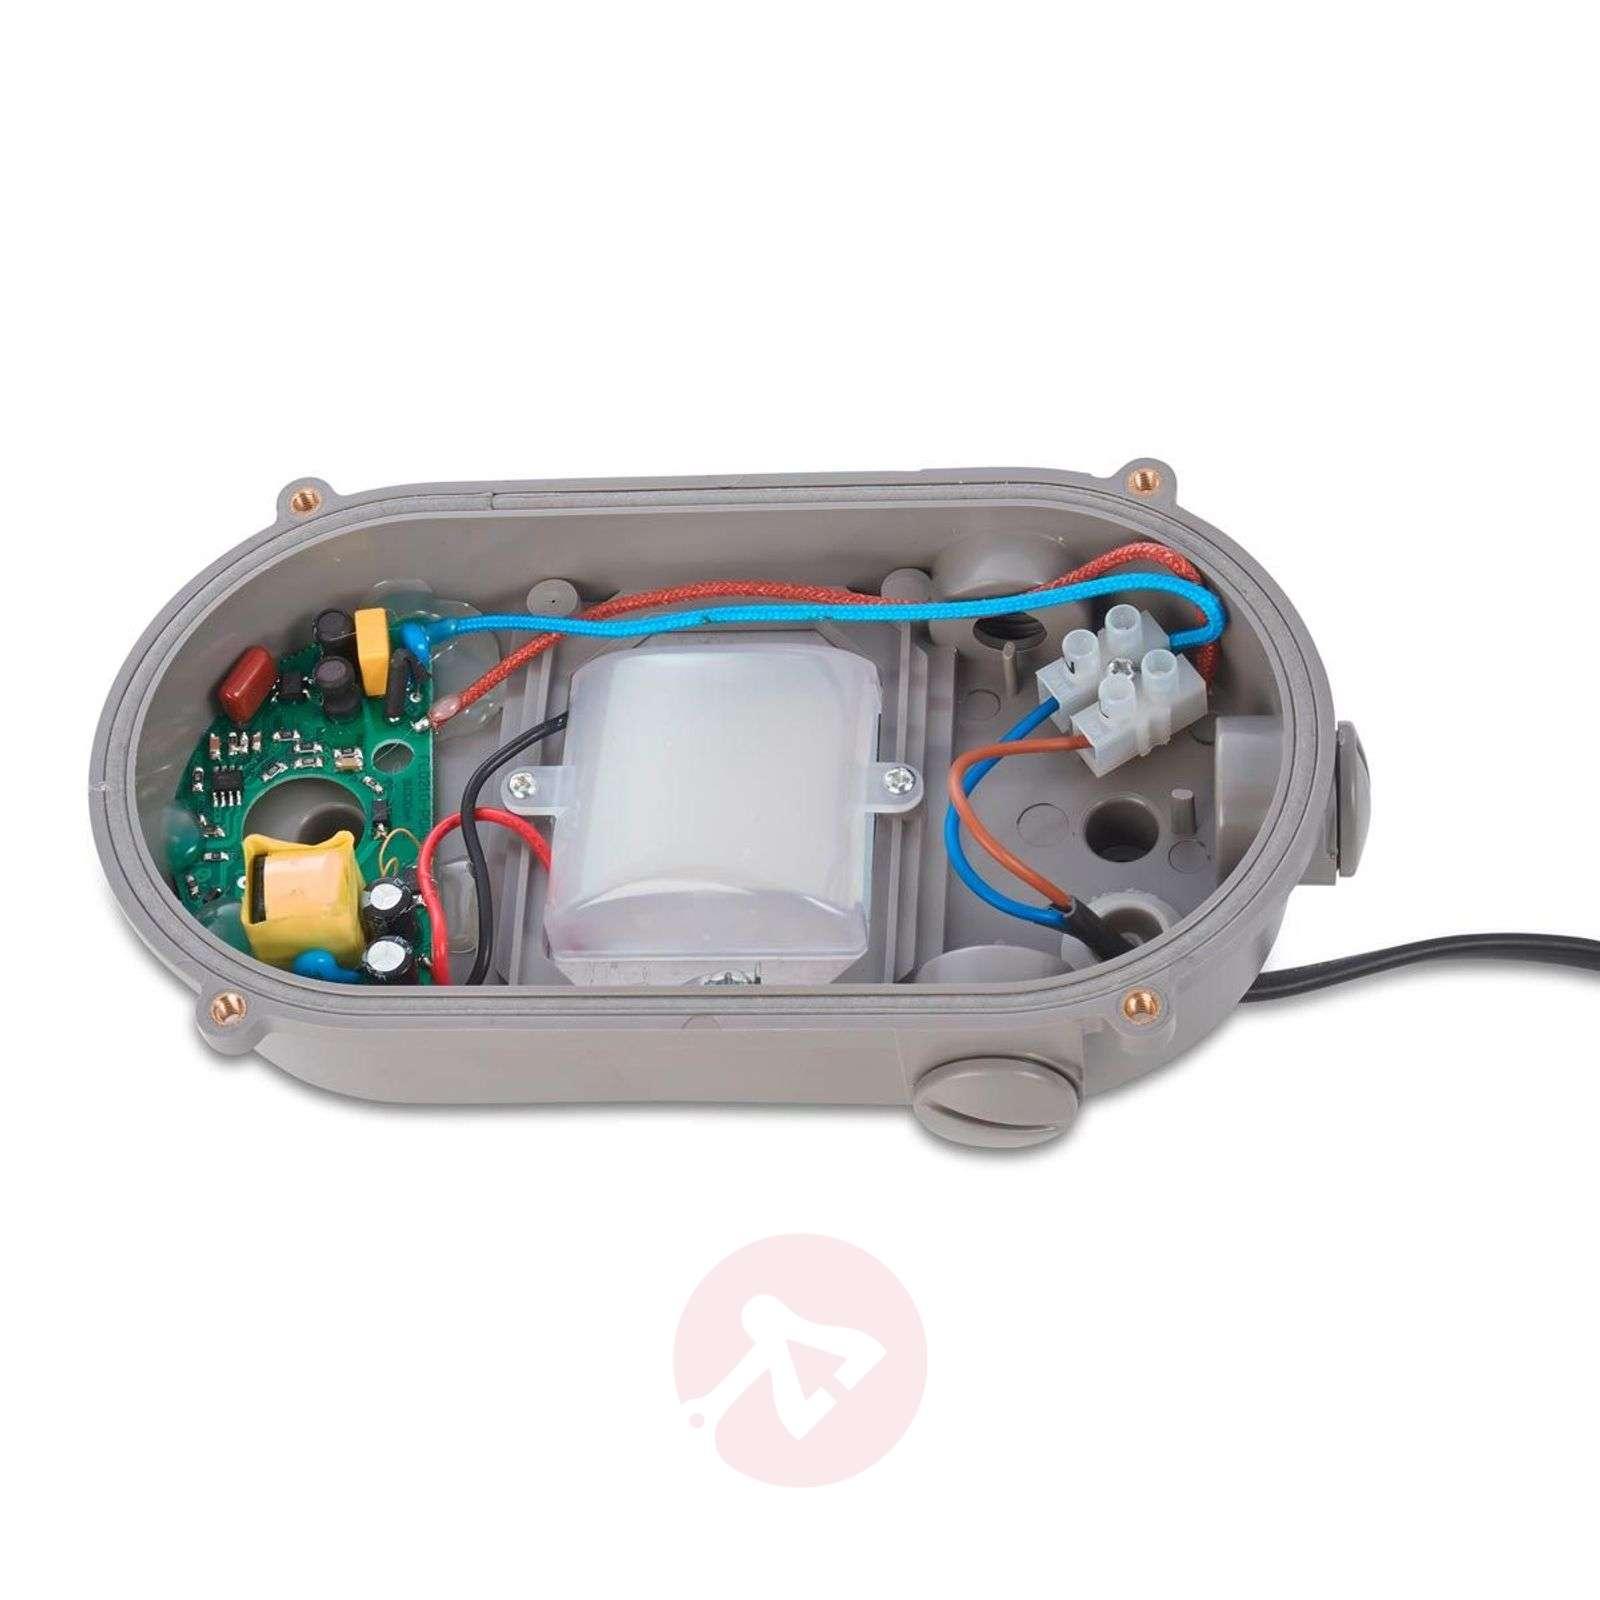 Merihenkinen LED-ulkoseinävalaisin Turtled-6025626-01